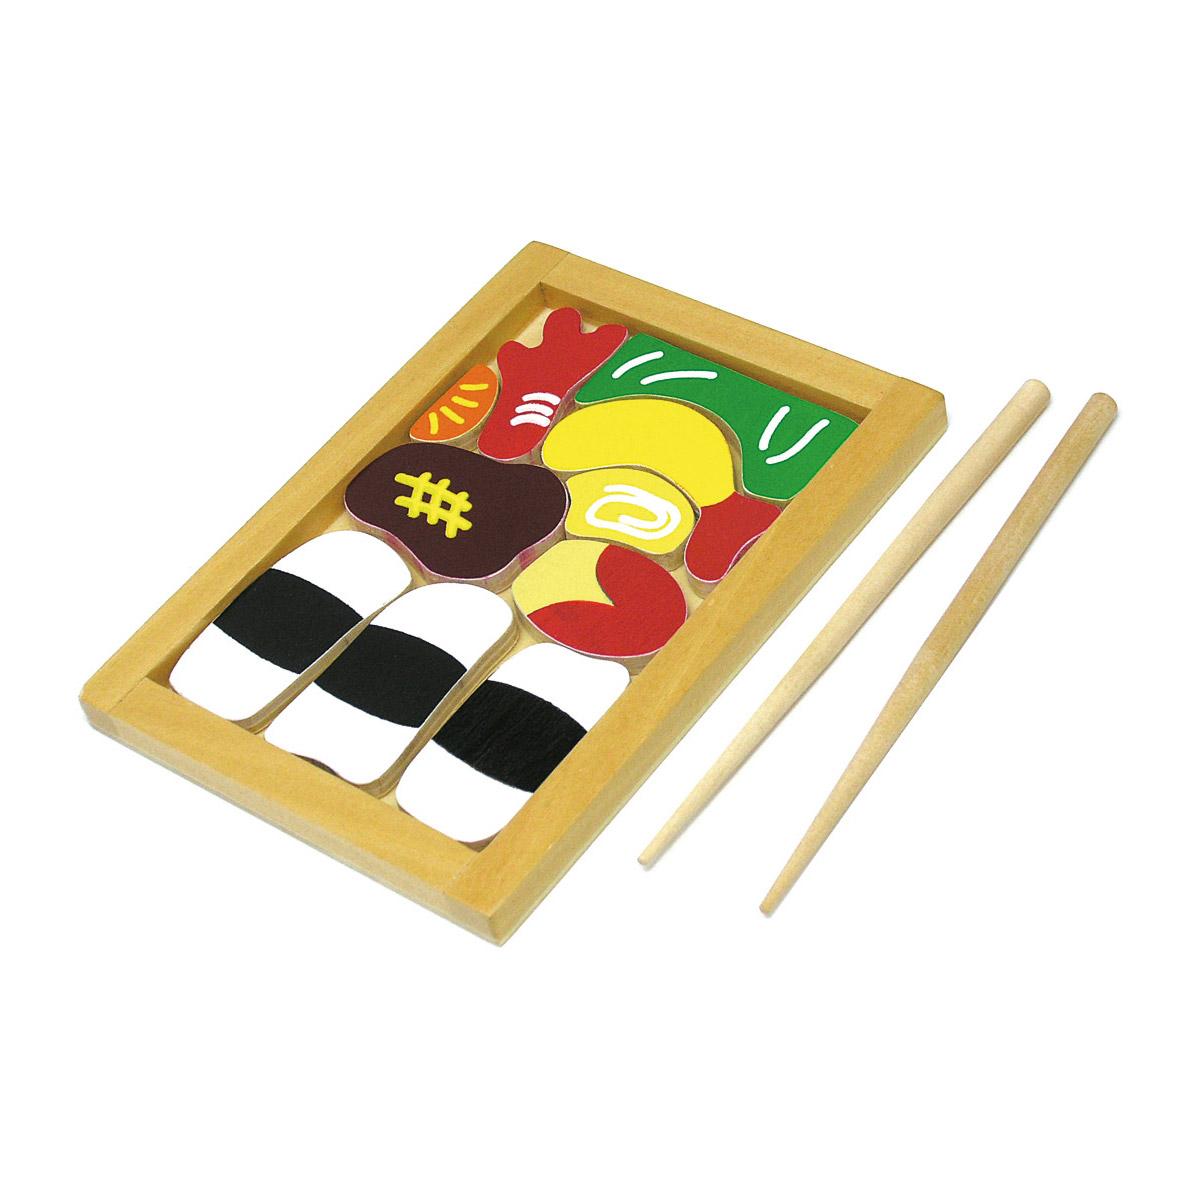 メール便可 子供 キッズ おもちゃ 幼児 パズル 入園準備 ファクトリーアウトレット おはしを使ってお弁当を完成させるパズルゲームです 木製お弁当パズル 木製玩具 木のおもちゃ ゲーム 練習 4歳 OT お箸 5歳 お稽古 療育 室内 人気上昇中 知育玩具 作業療法 3歳